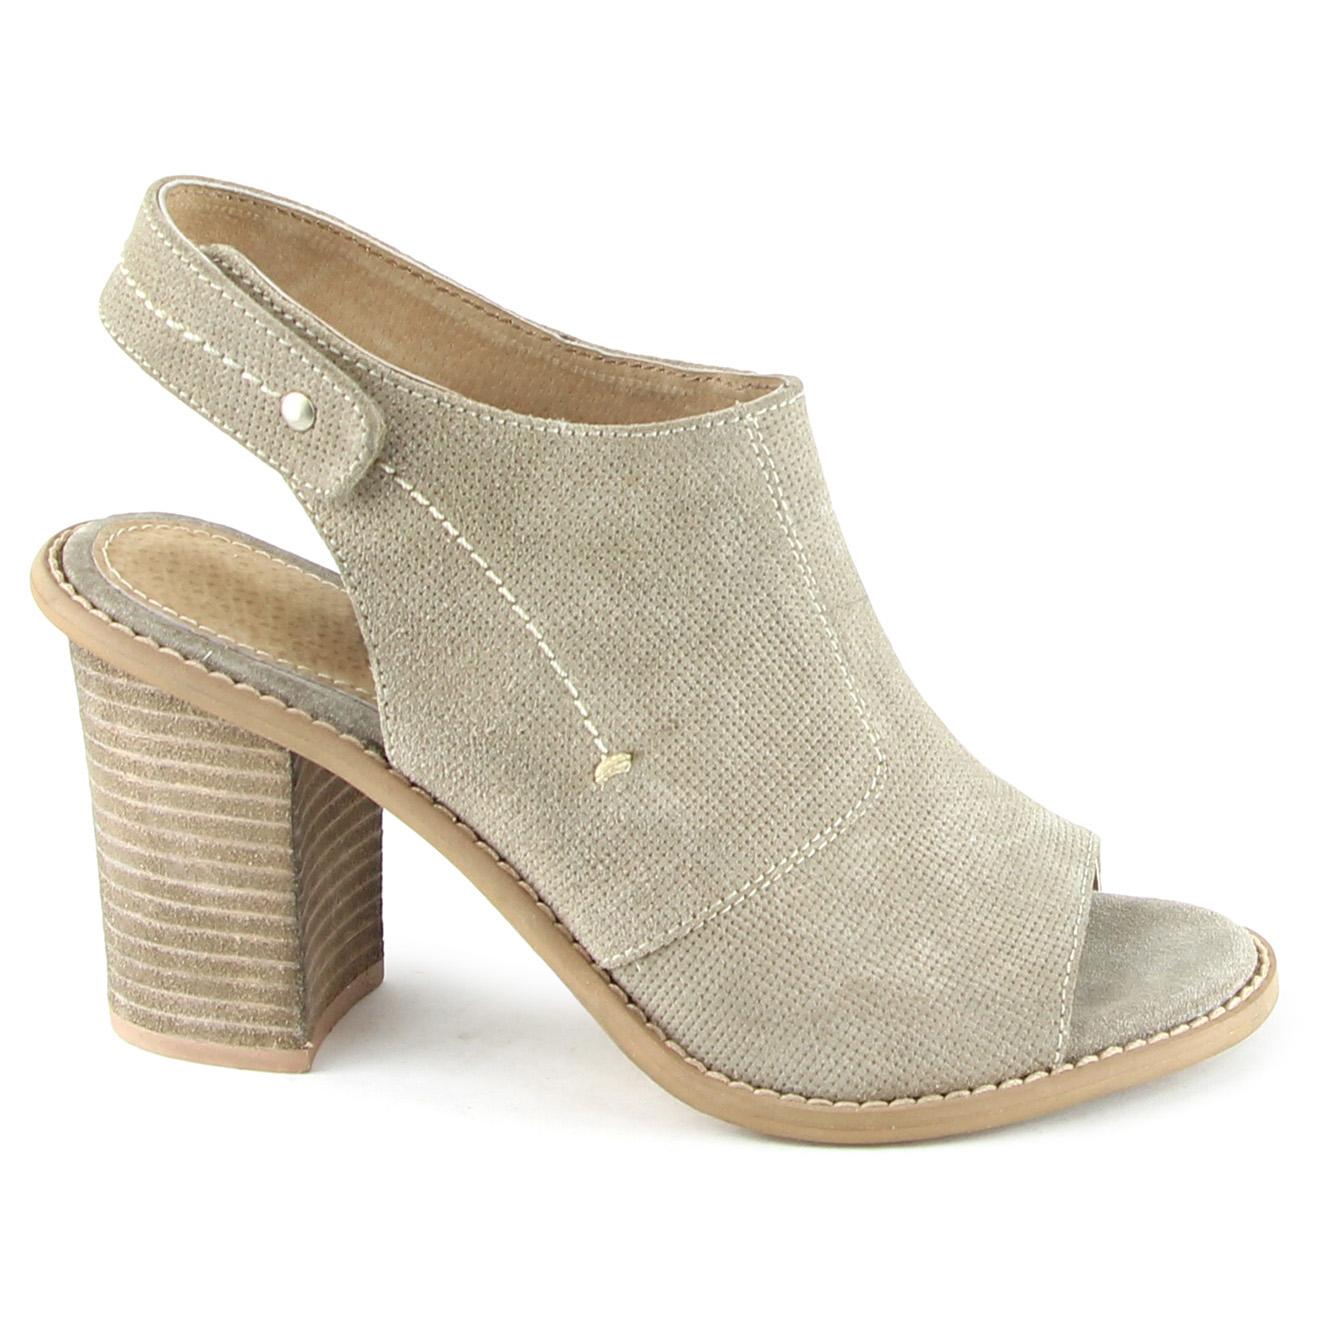 Sandales en Velours de Cuir Mia taupe Talon 8.5 cm